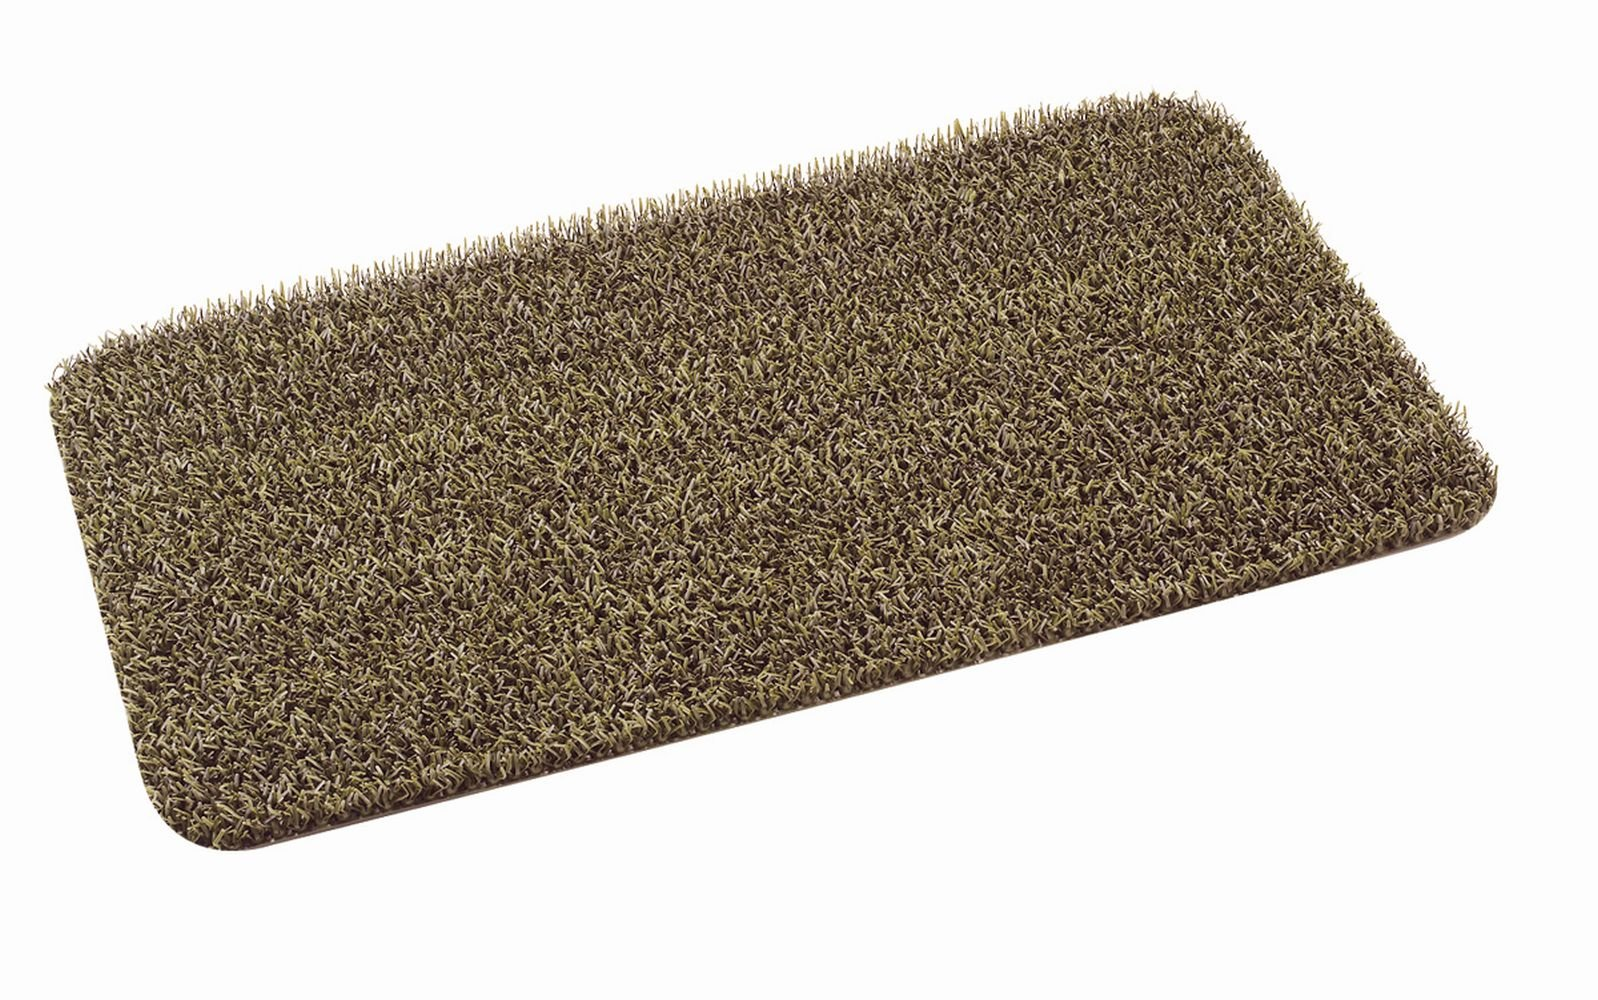 Grassworx Clean Machine High Traffic Doormat, 18'' x 30'', Desert Taupe (10371857)